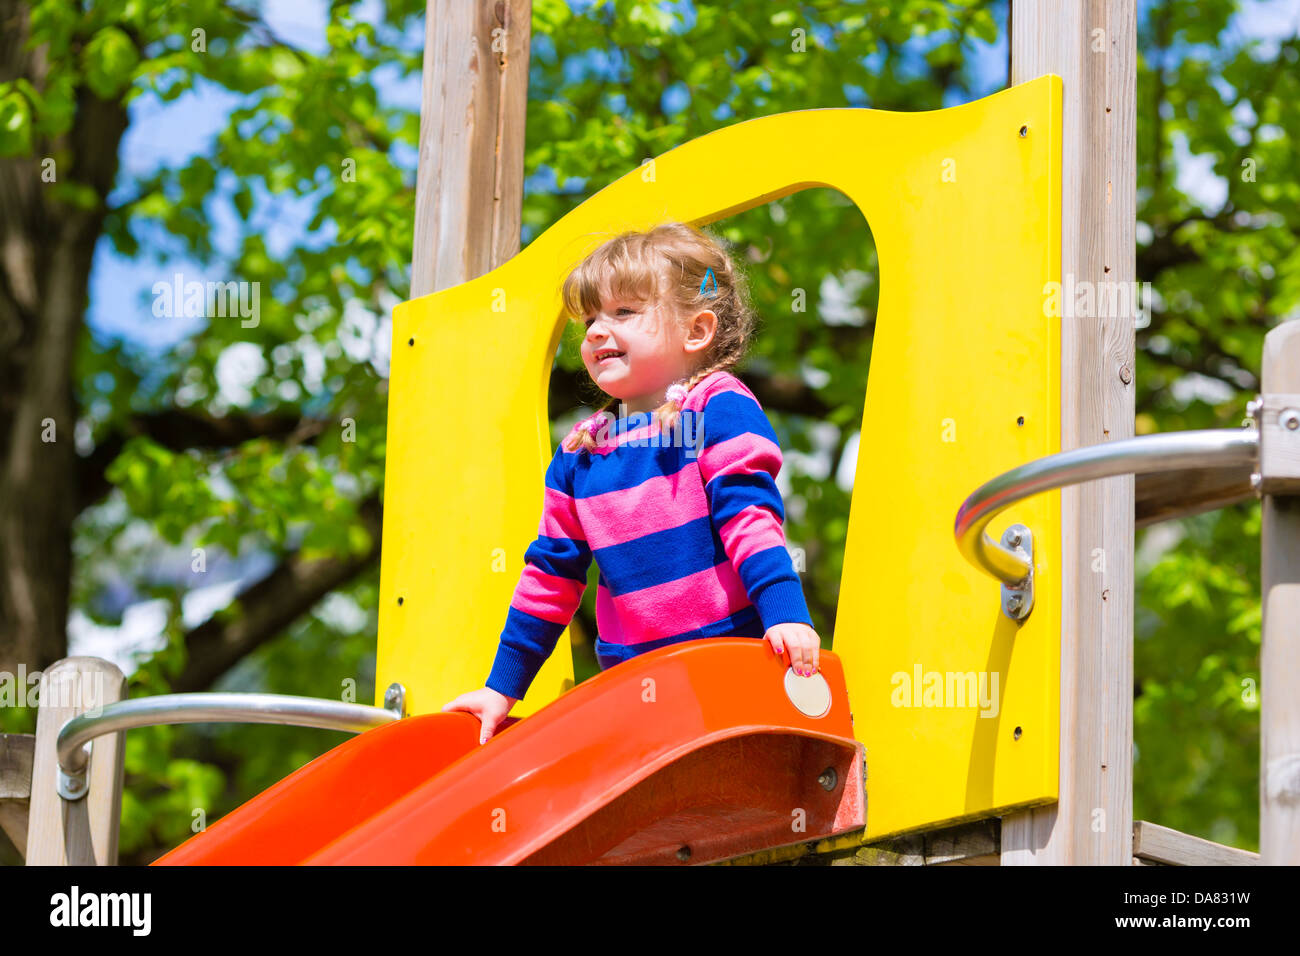 Klettergerüst Reifen : Kleines mädchen auf einem klettergerüst im sommer nach unten